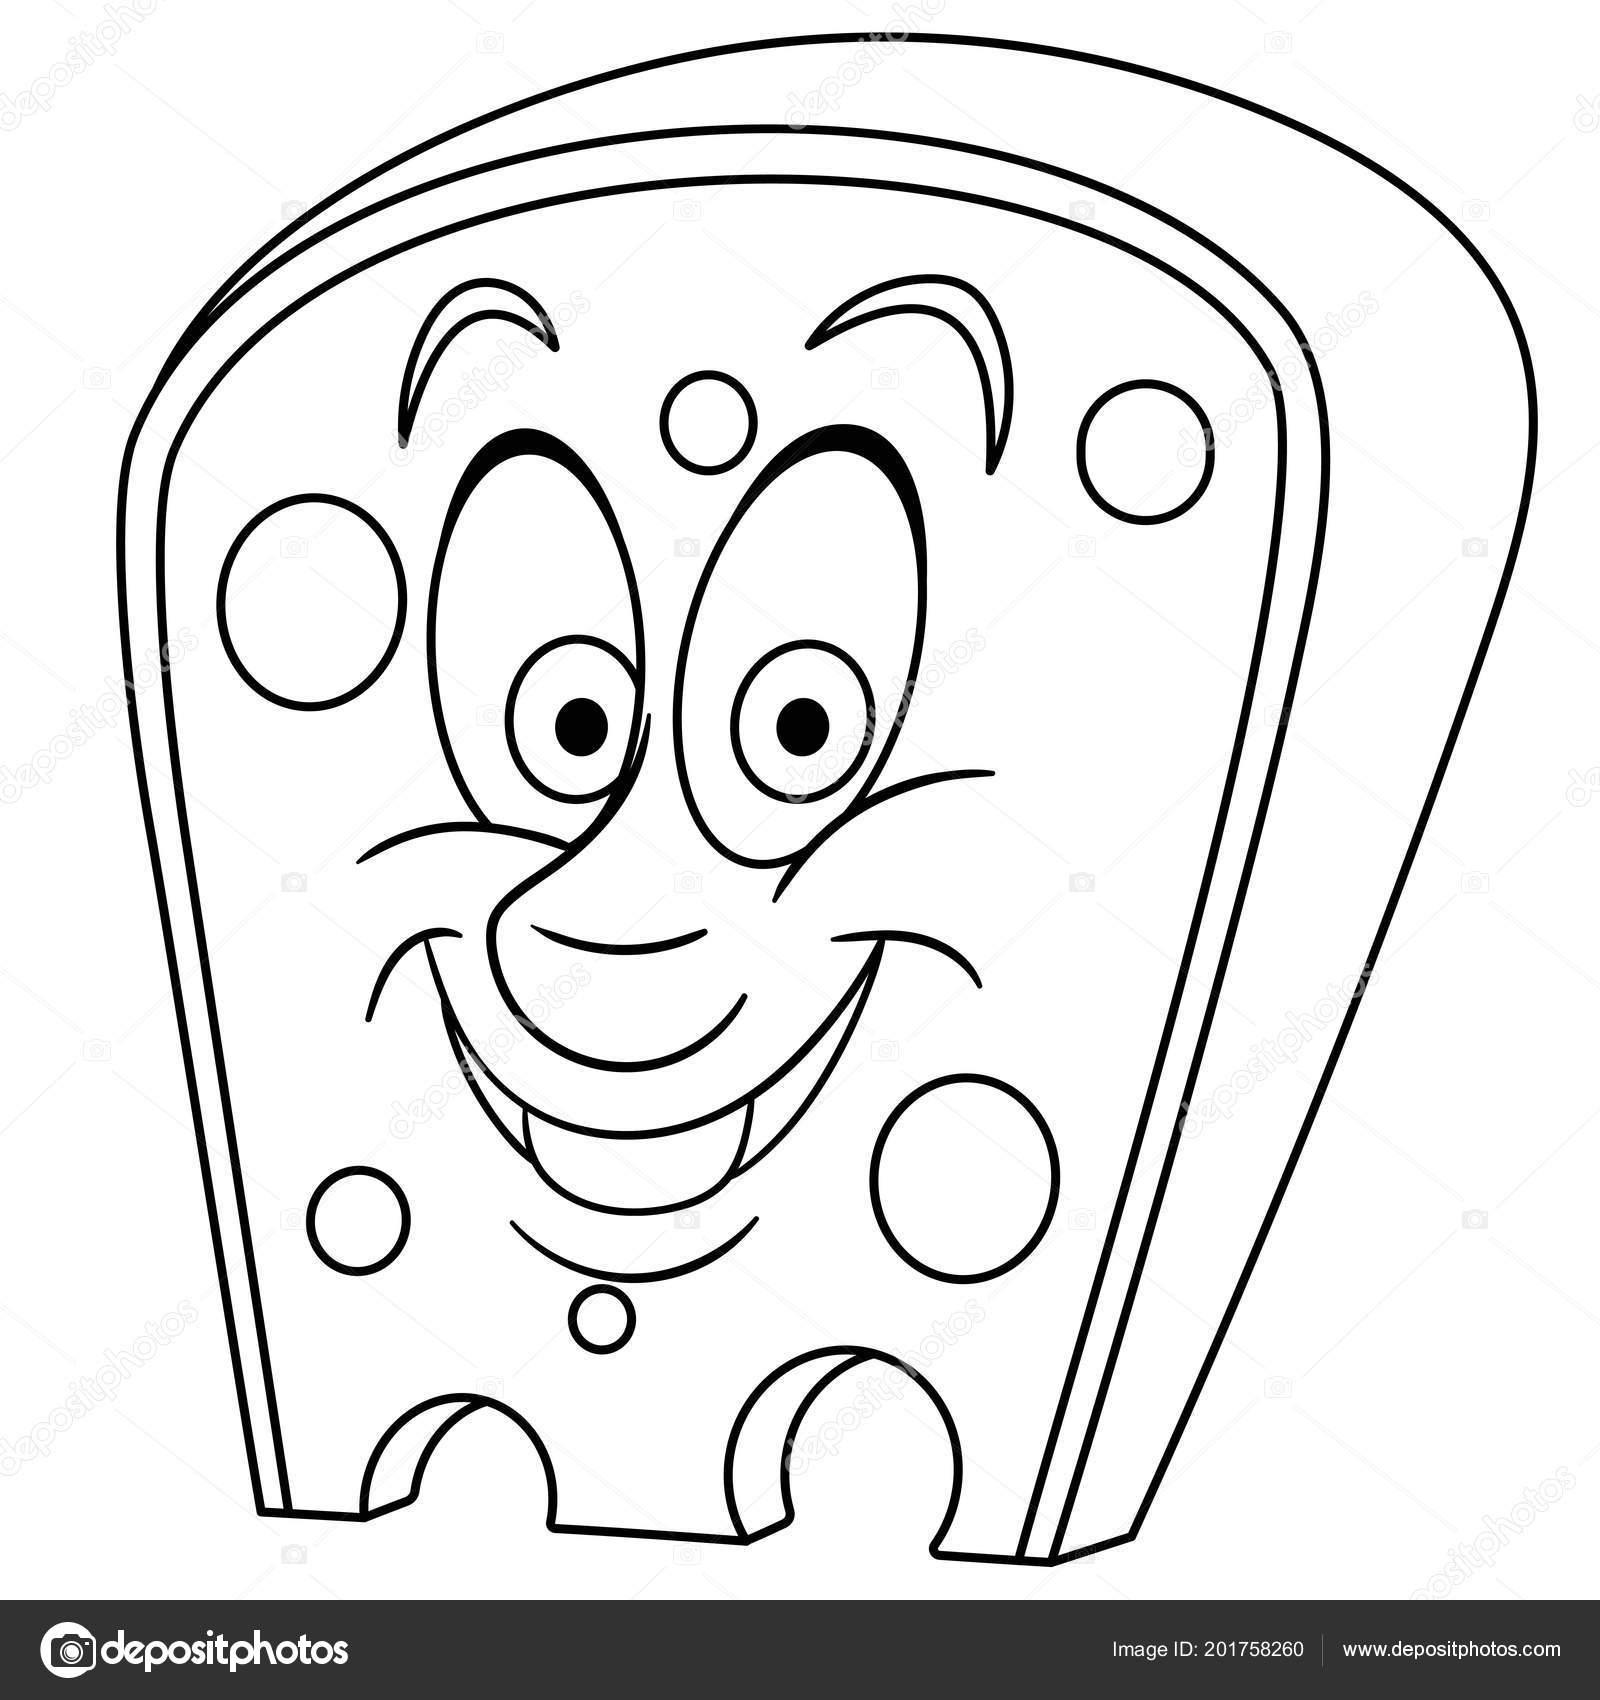 Boyama Sayfası Boyama Kitabı Isviçre Peyniri Delikleri Ile Mutlu